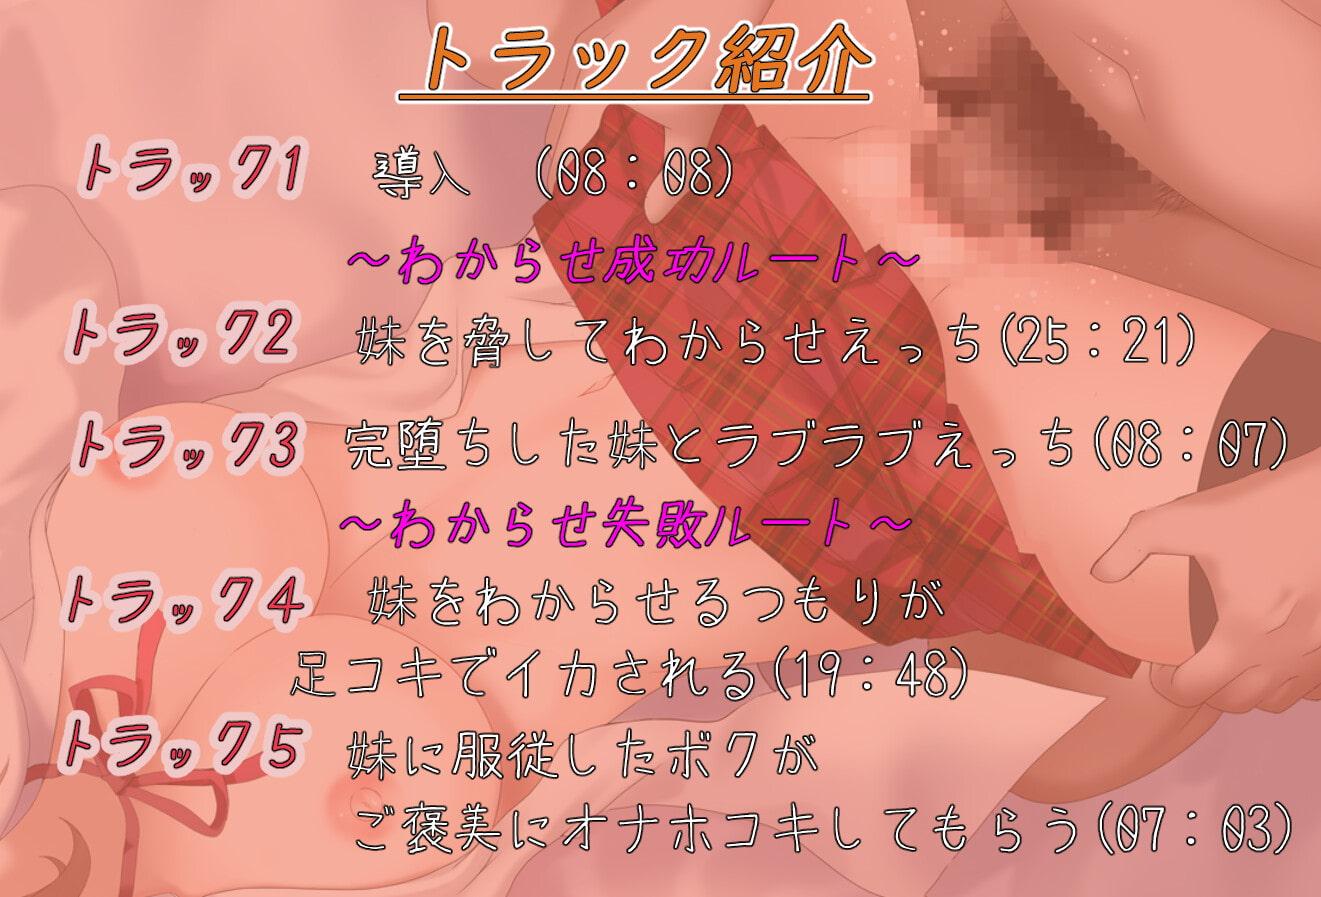 【期間限定 110円】ナマイキな妹を生ハメえっちでわからせる